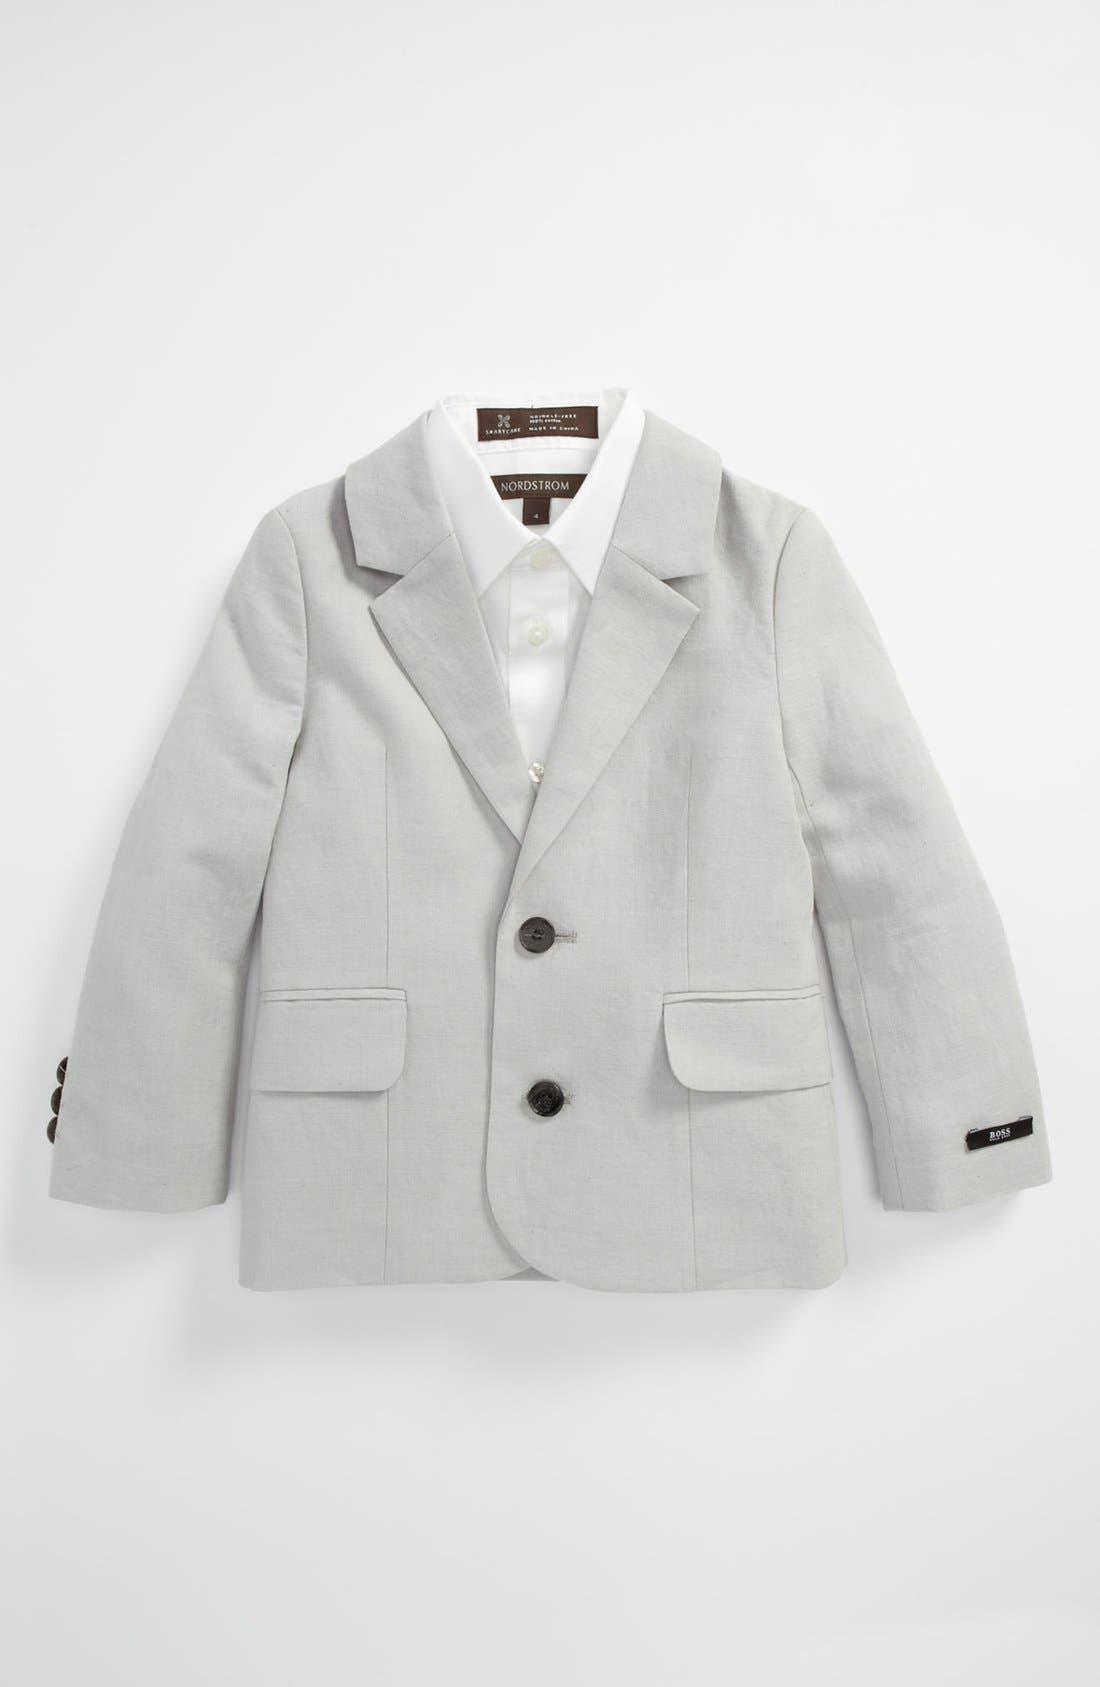 Main Image - BOSS Kidswear Linen Blend Blazer (Toddler)